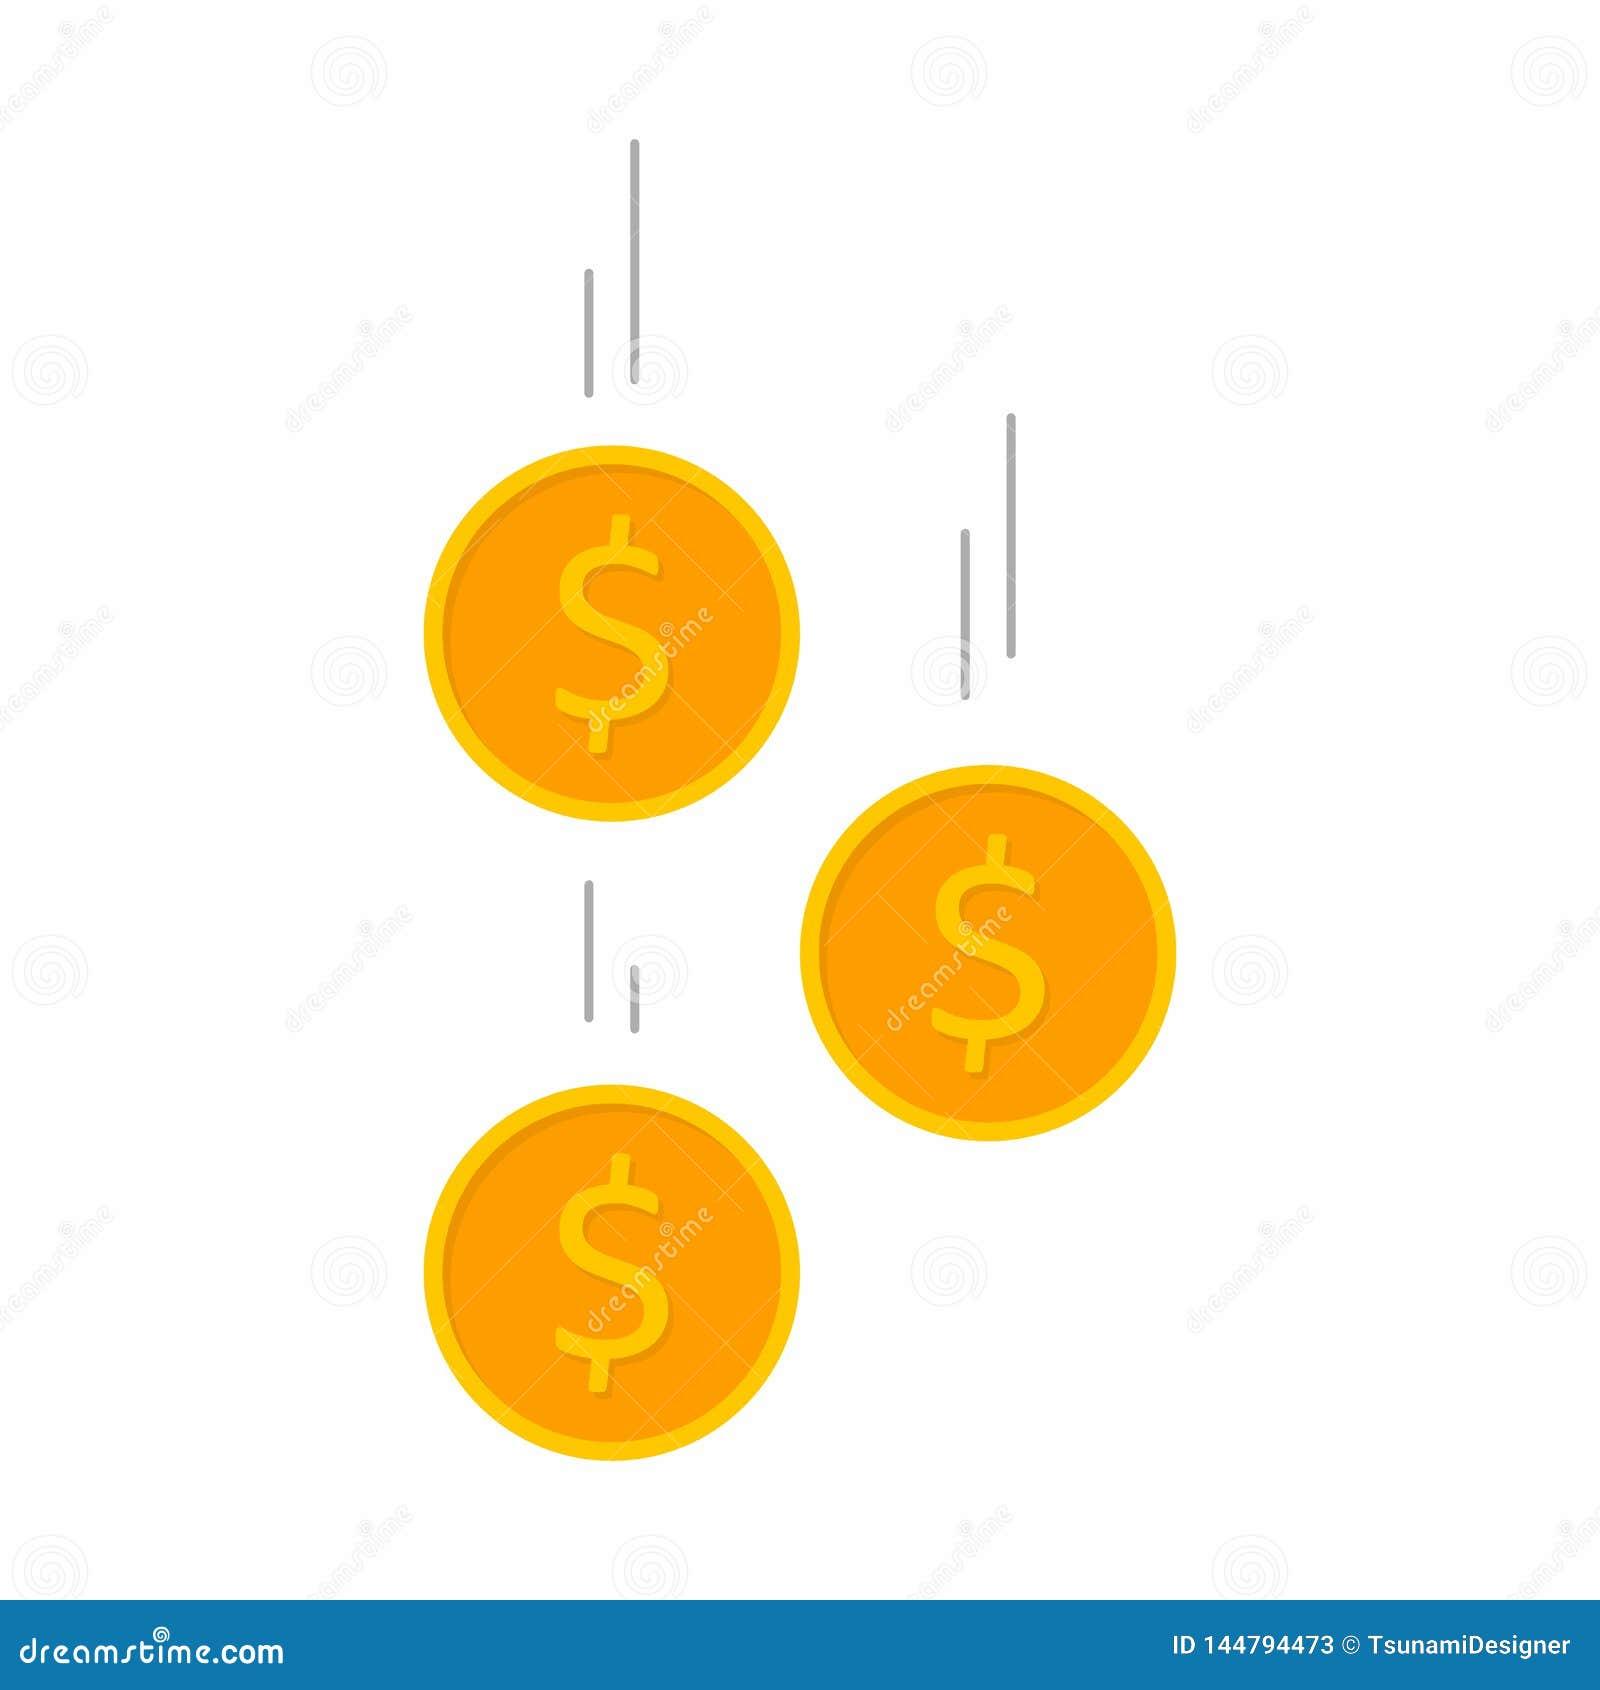 Moneta, dolar, finanse, biznes, Żadny tło, wektor, Płaska ikona, Spada monety, spada pieniądze, lata złociste monety, złoty